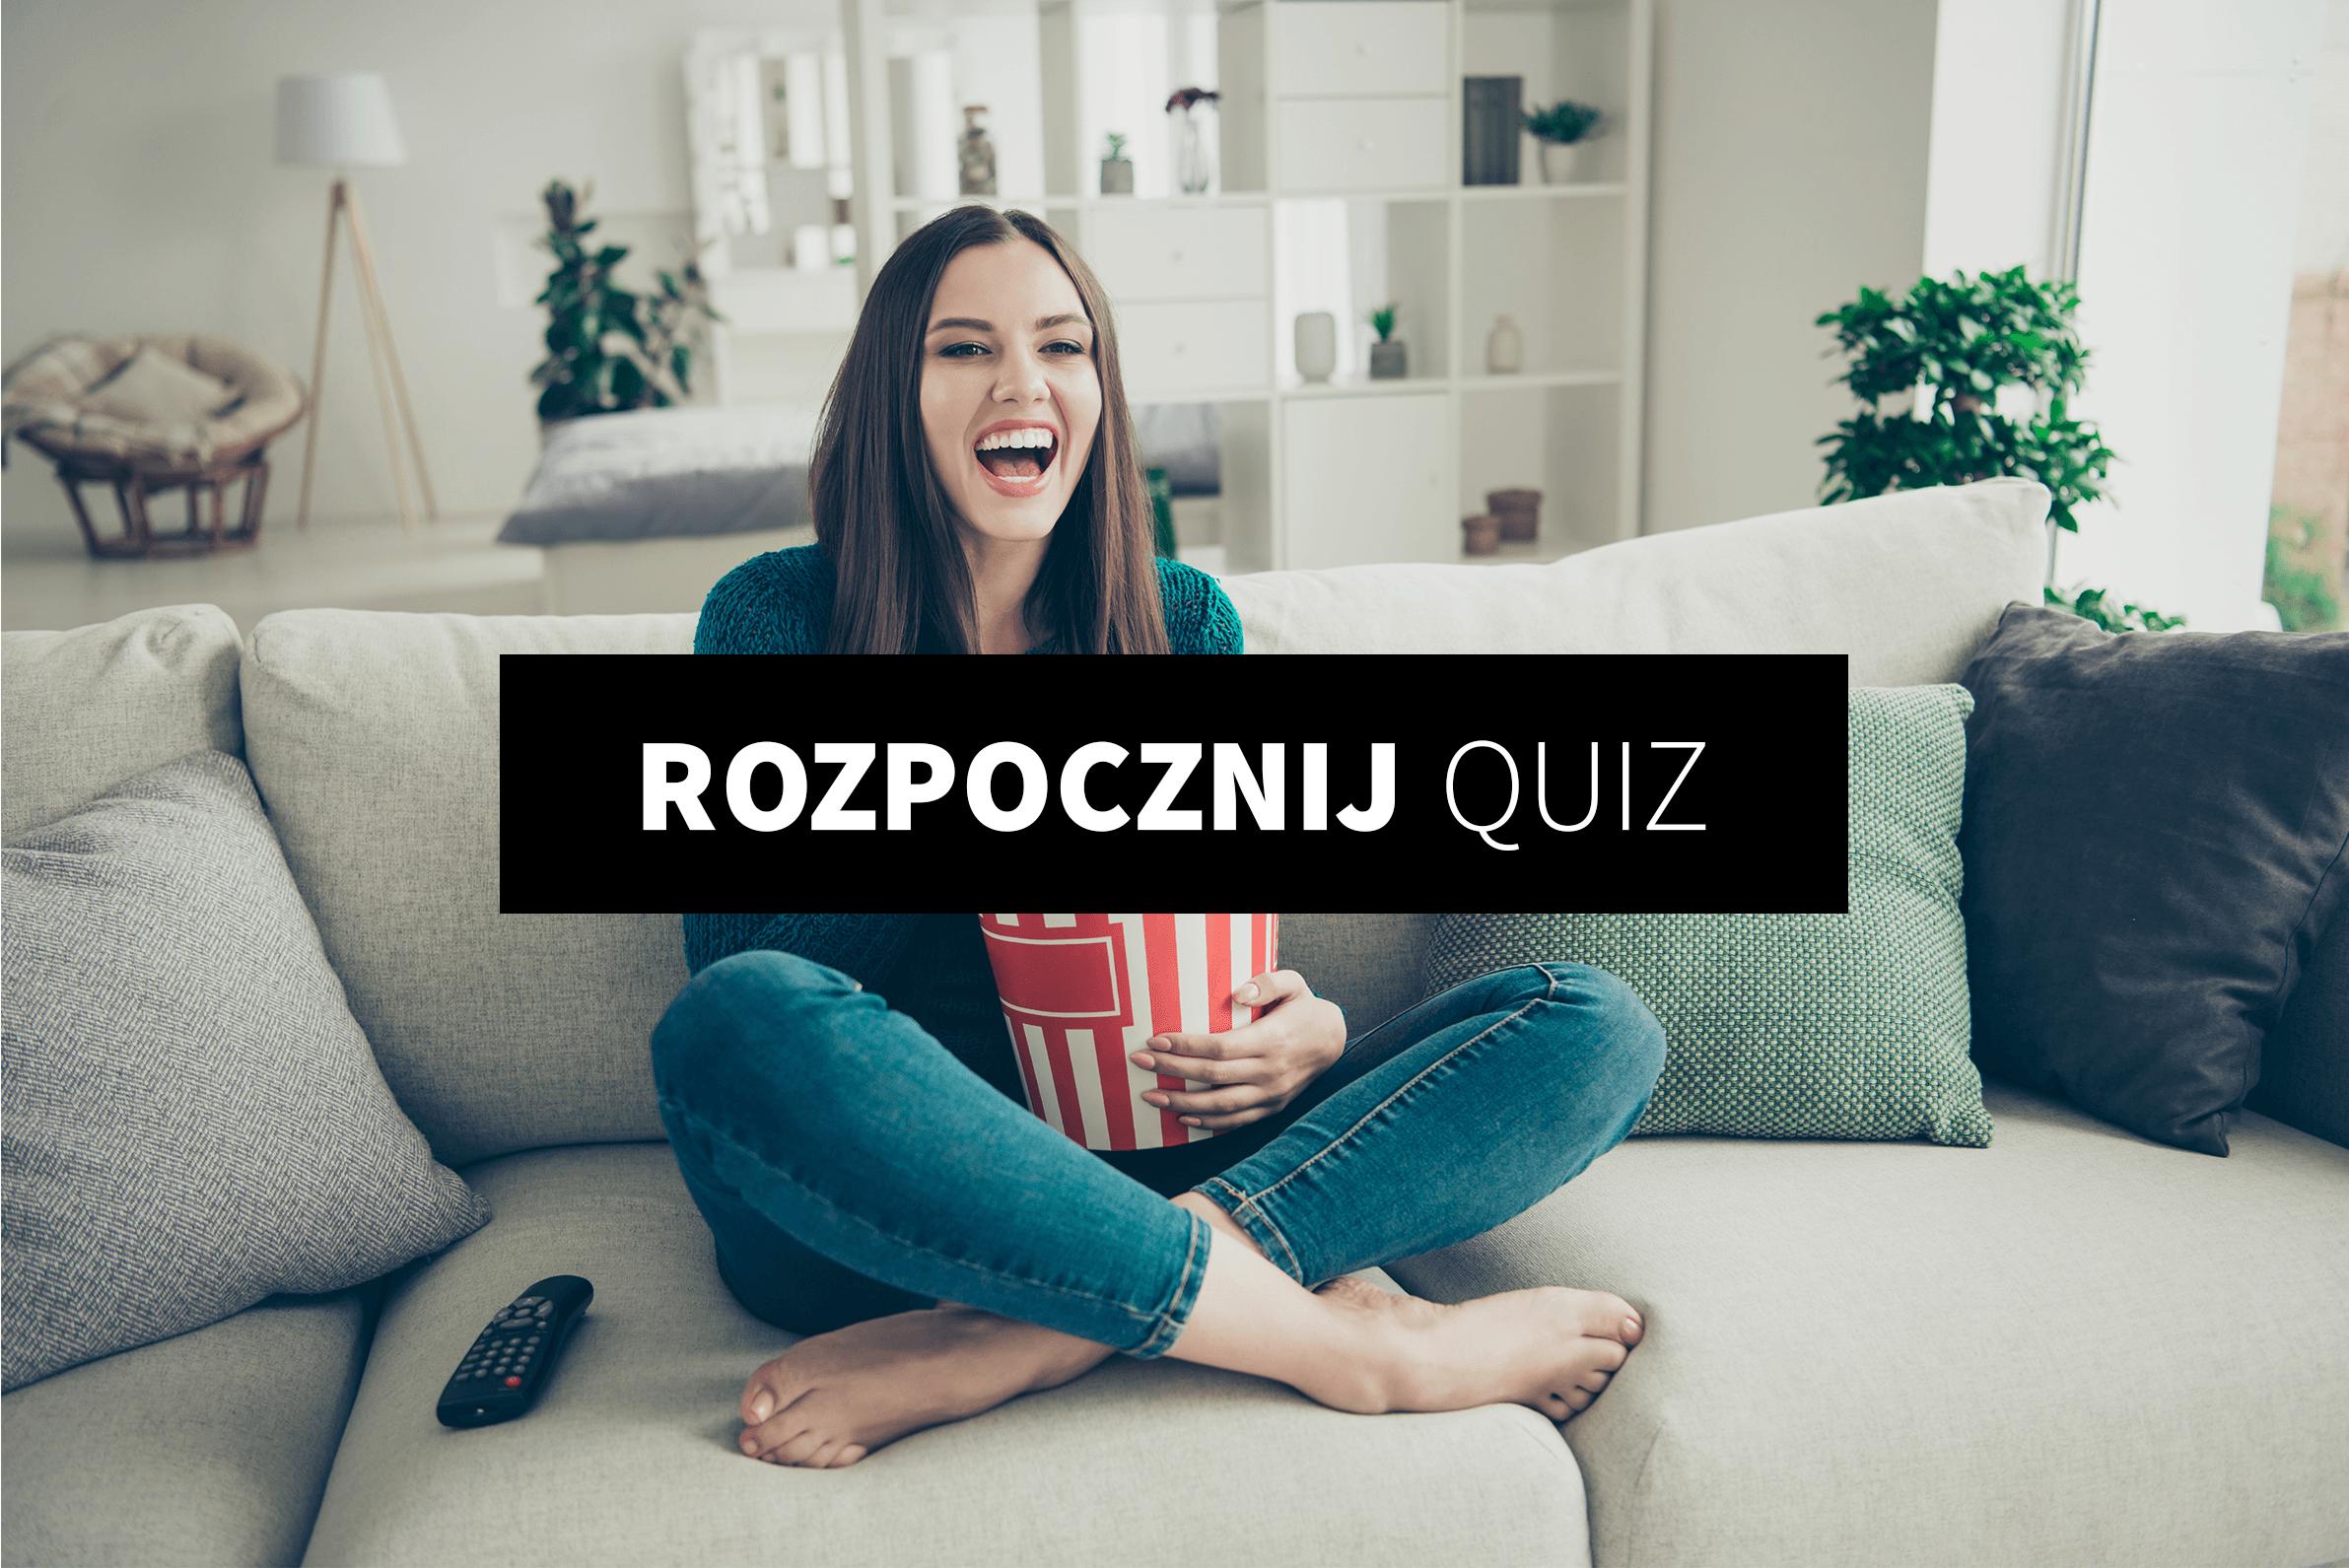 Rozpocznij quiz